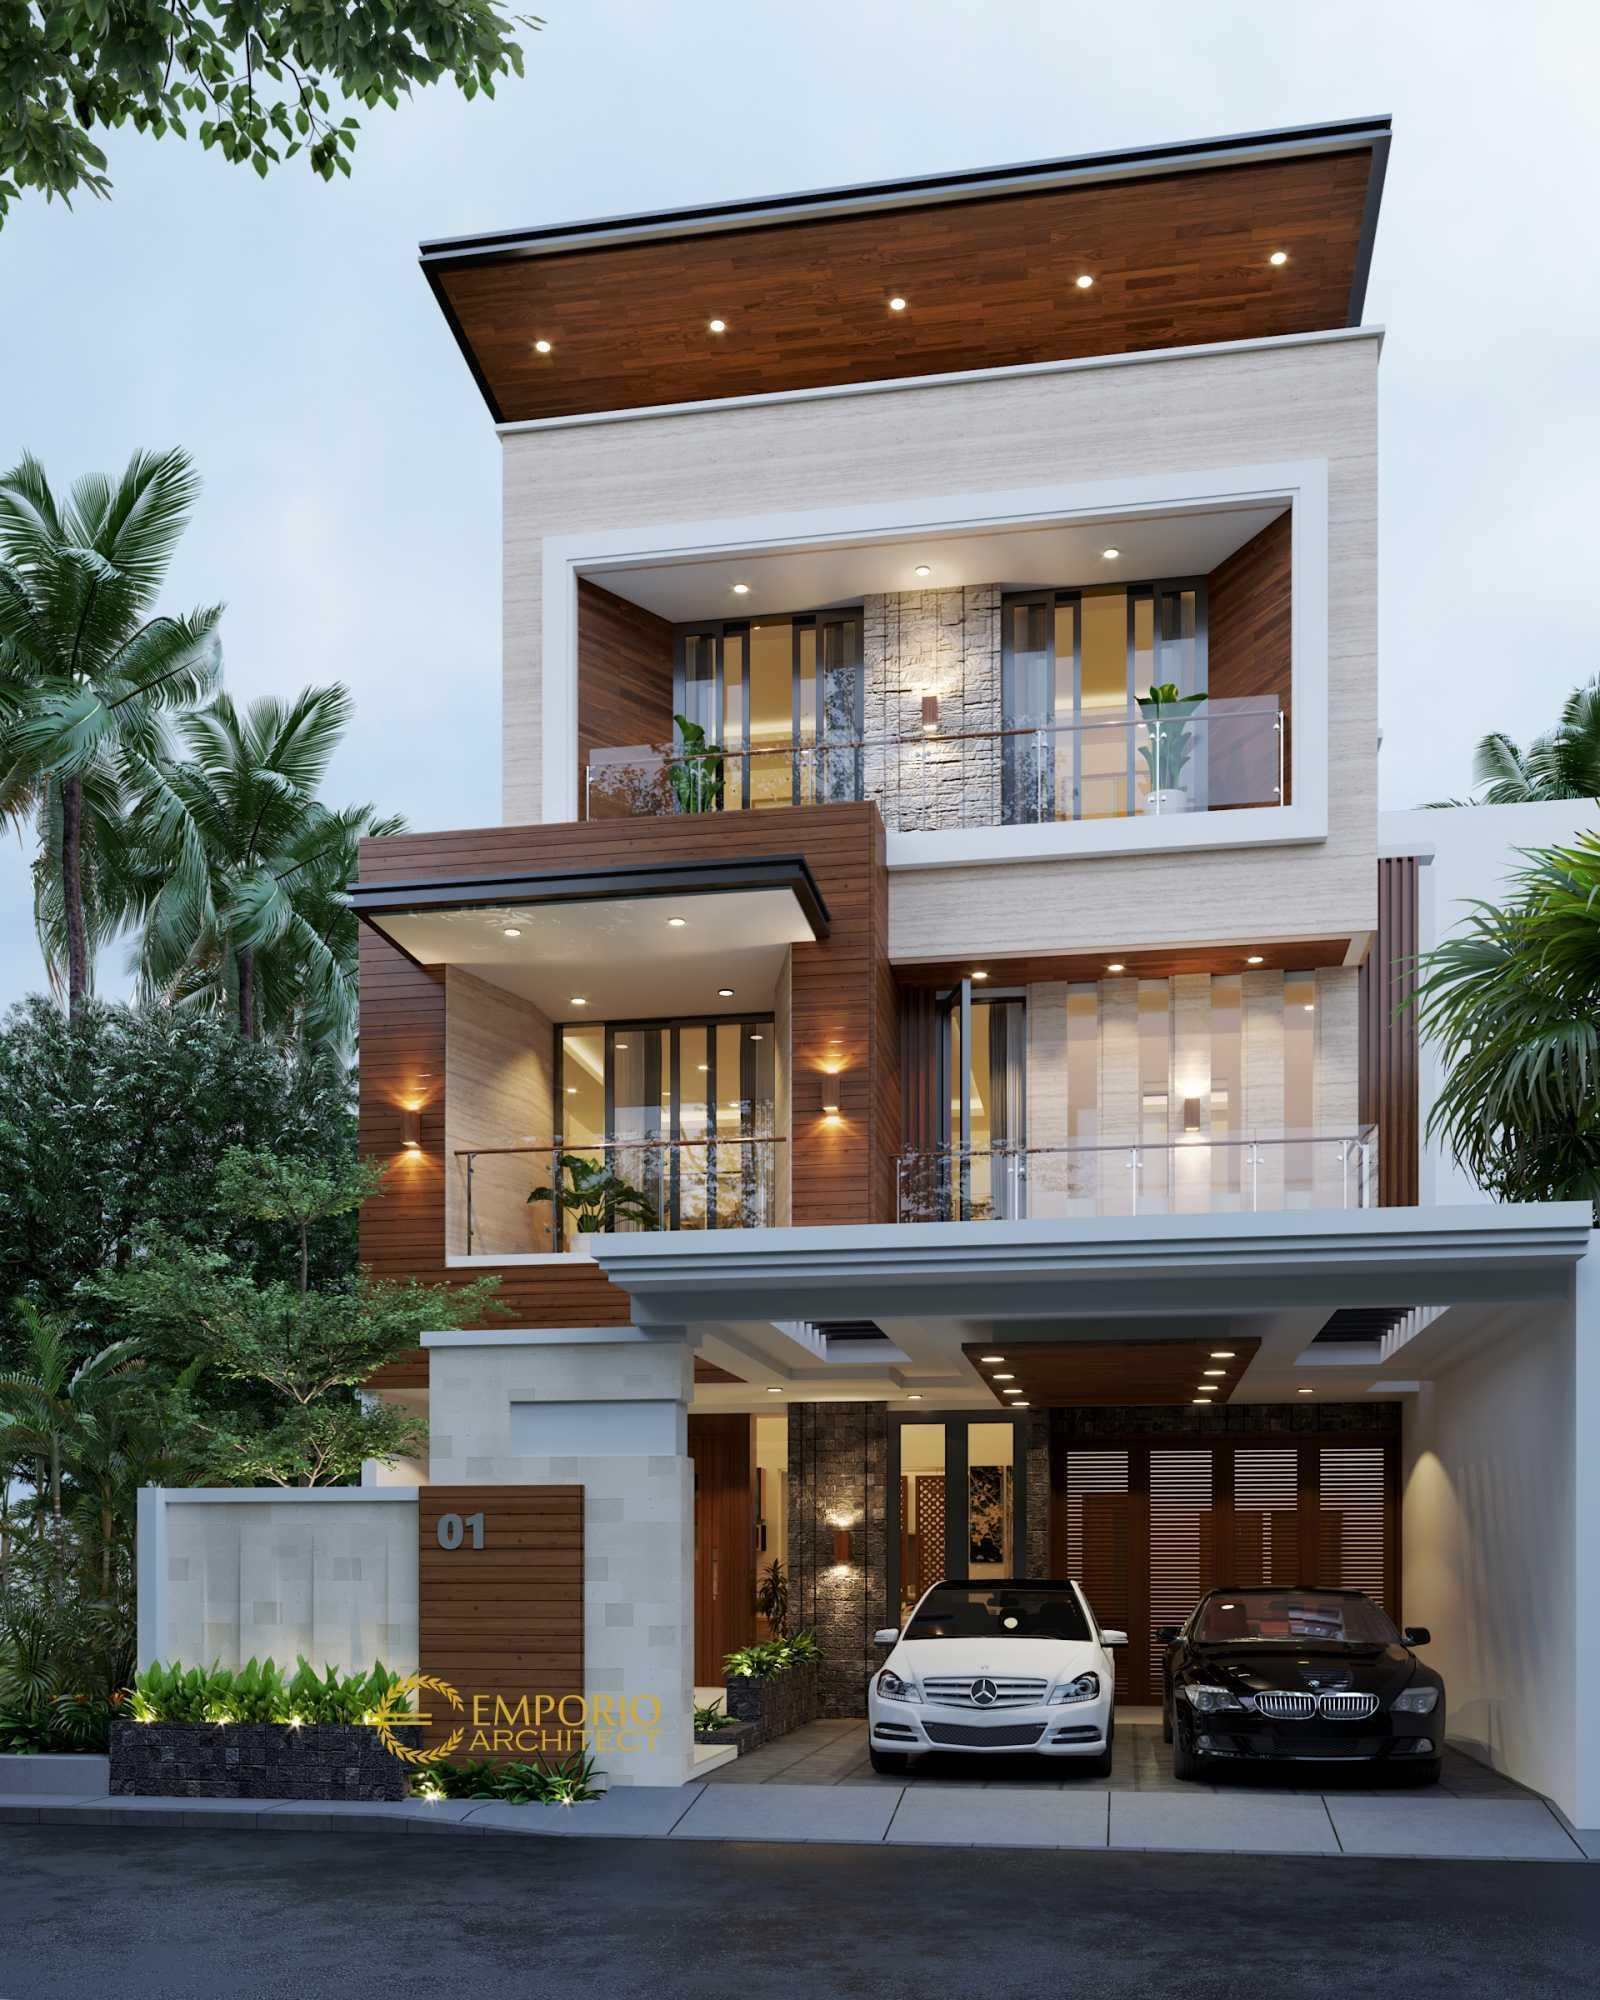 Emporio Architect Desain Rumah Modern Tropis 618 @ Tangerang Tangerang, Kota Tangerang, Banten, Indonesia Tangerang, Kota Tangerang, Banten, Indonesia Emporio-Architect-Desain-Rumah-Modern-Tropis-618-Tangerang Modern 78177